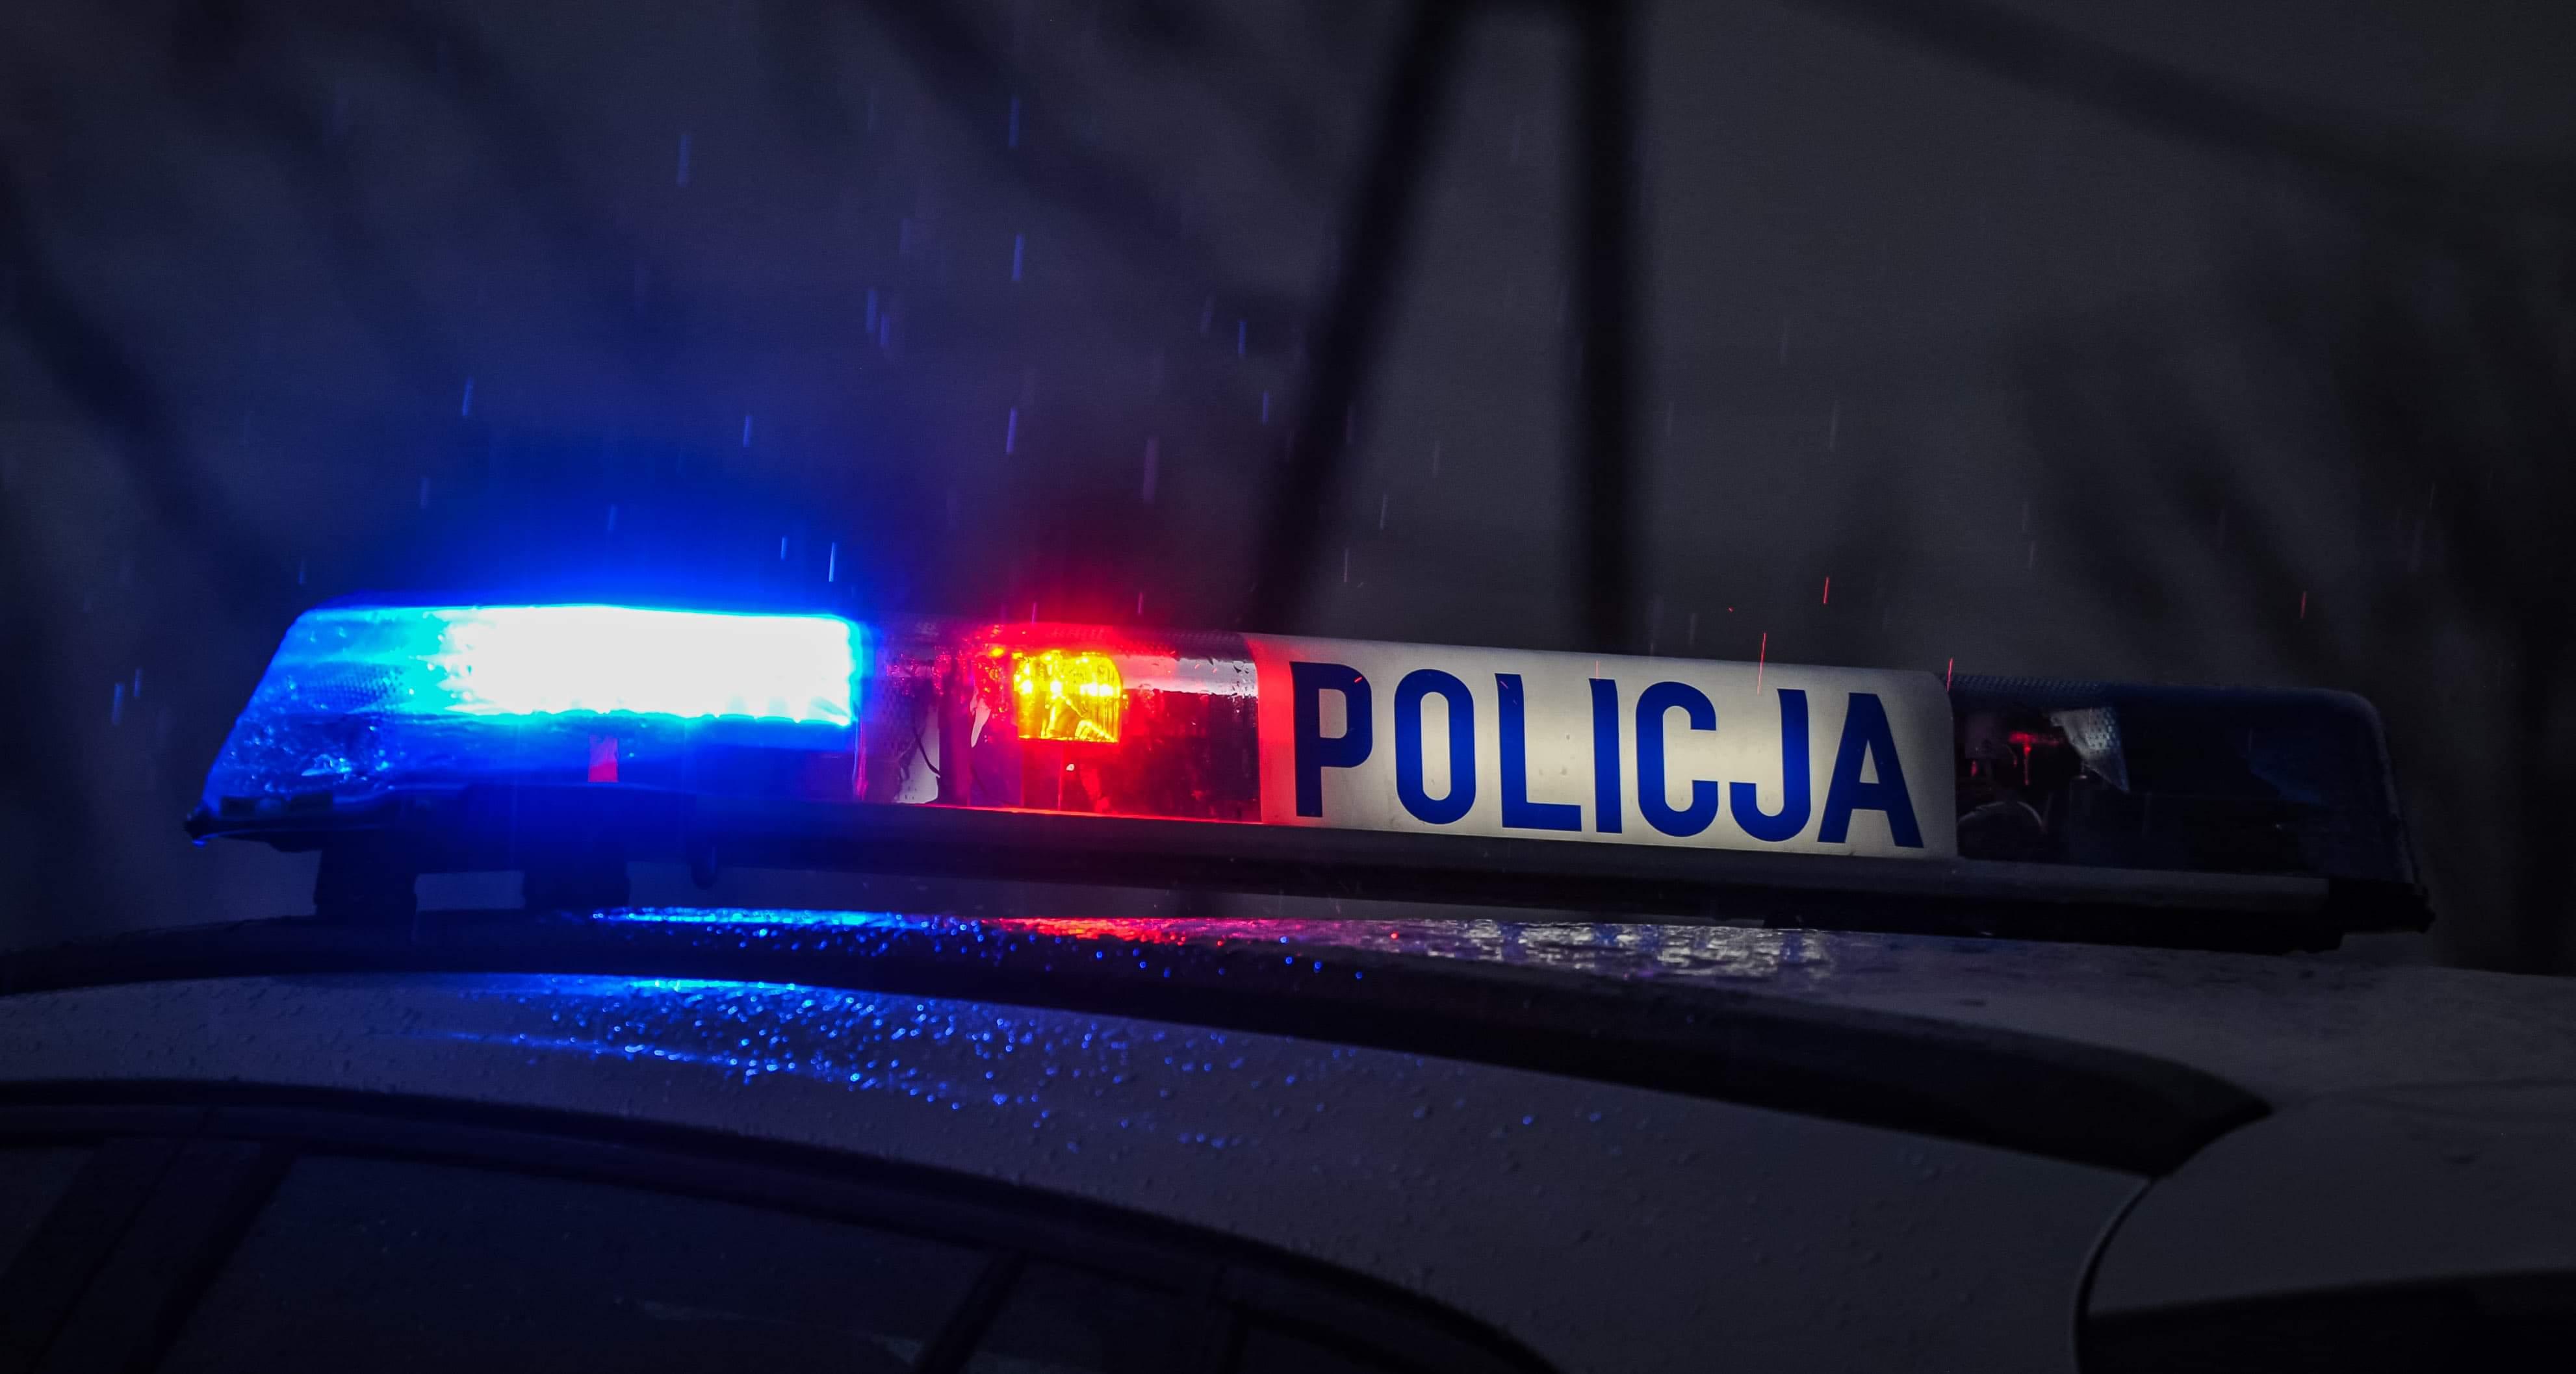 Z REGIONU. Policjanci uratowali 56-latka przed wychłodzeniem - Zdjęcie główne